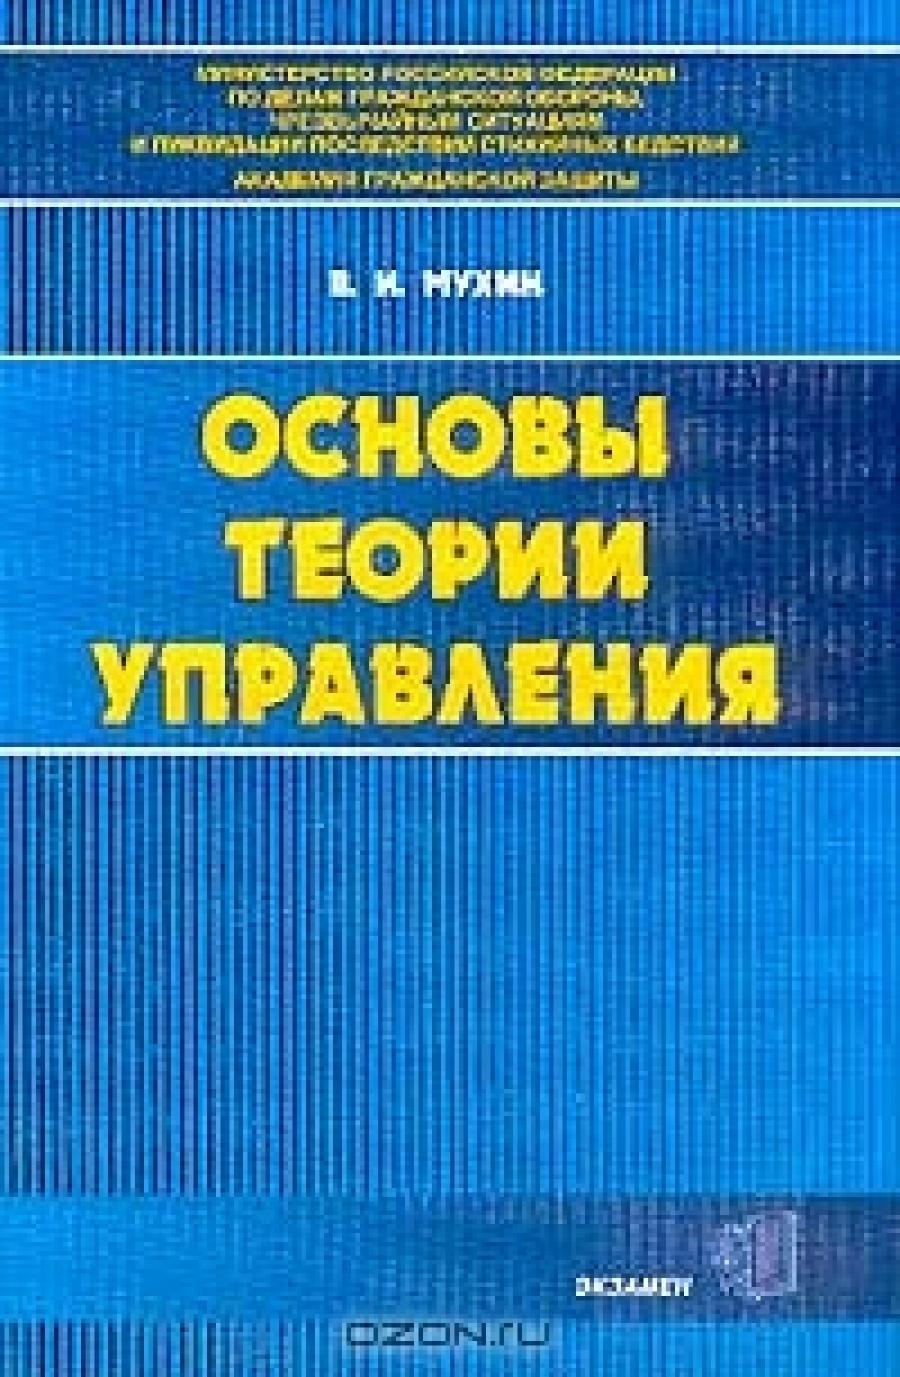 Обложка книги:  мухин в.и. - основы теории управления